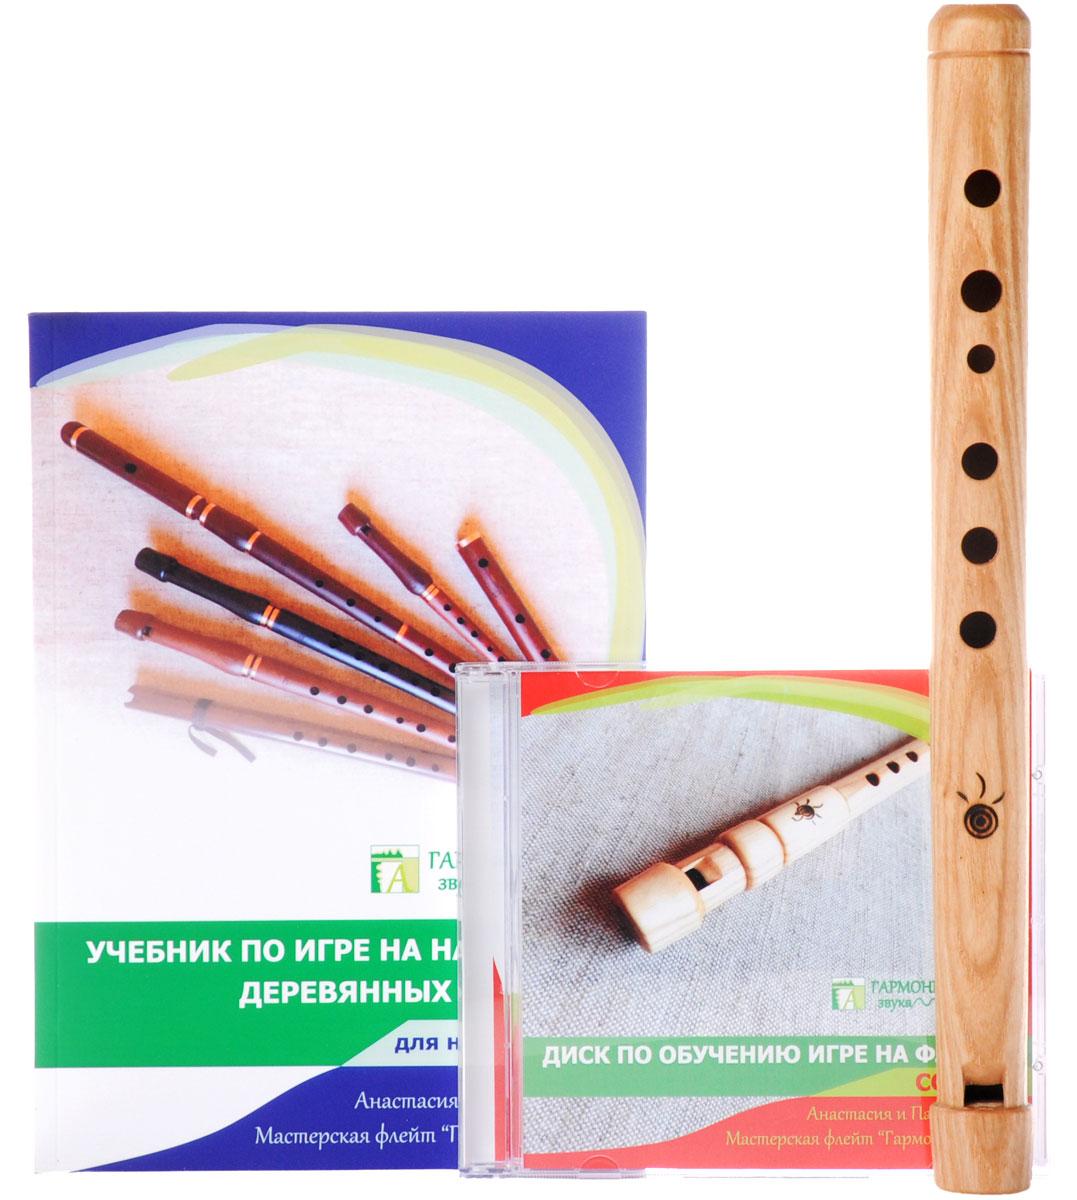 Учебник по игре на народных деревянных флейтах (+ CD и деревянная флейта), Анастасия и Павел Мирра